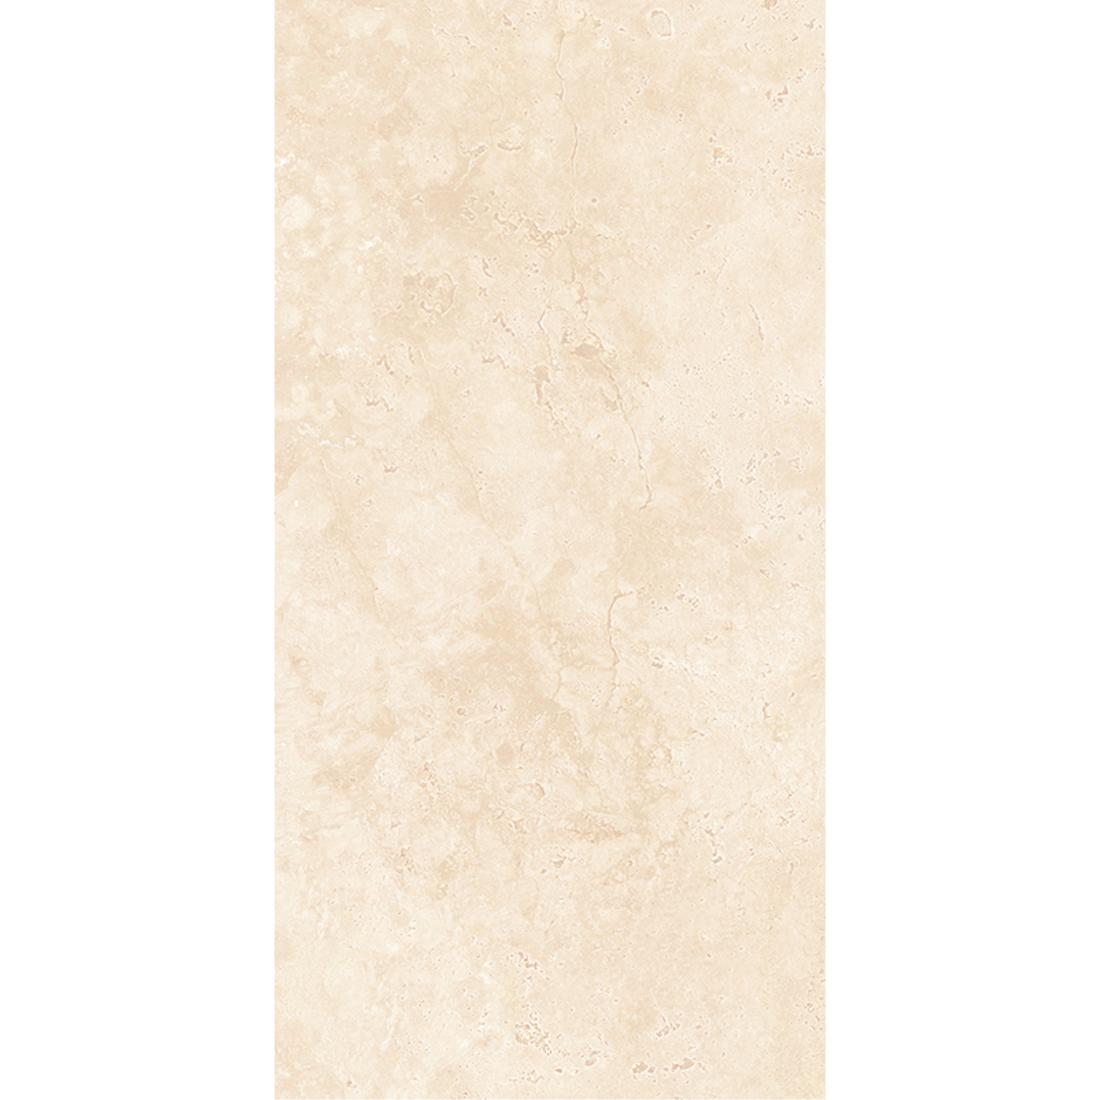 Nitco Aeon Marfil N5005-IG Glossy Glazed Vitrified Tile